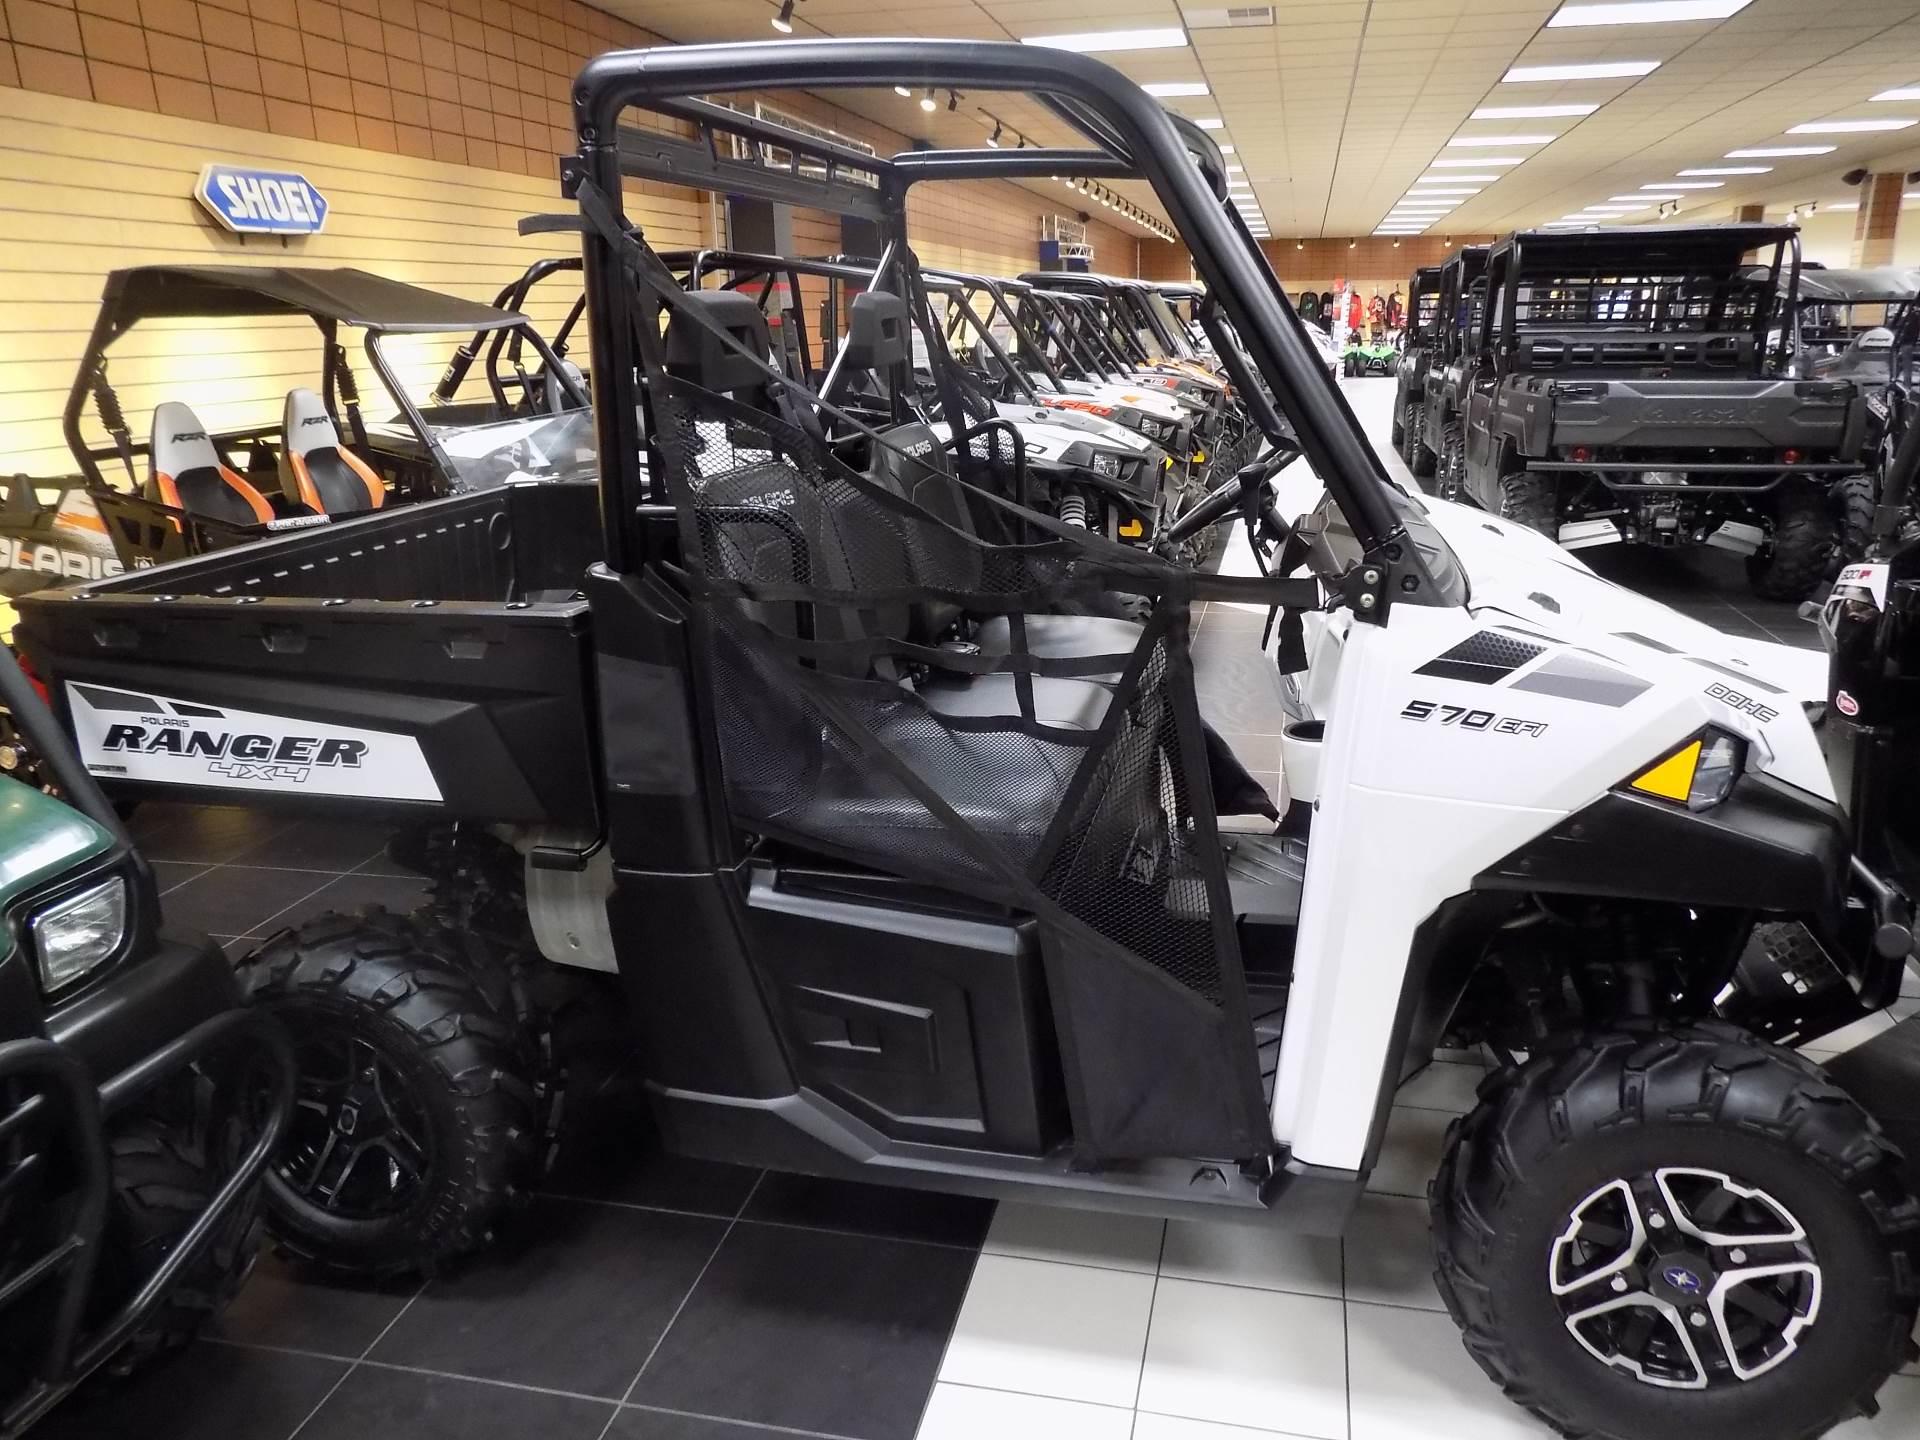 2016 Ranger XP 570 EPS